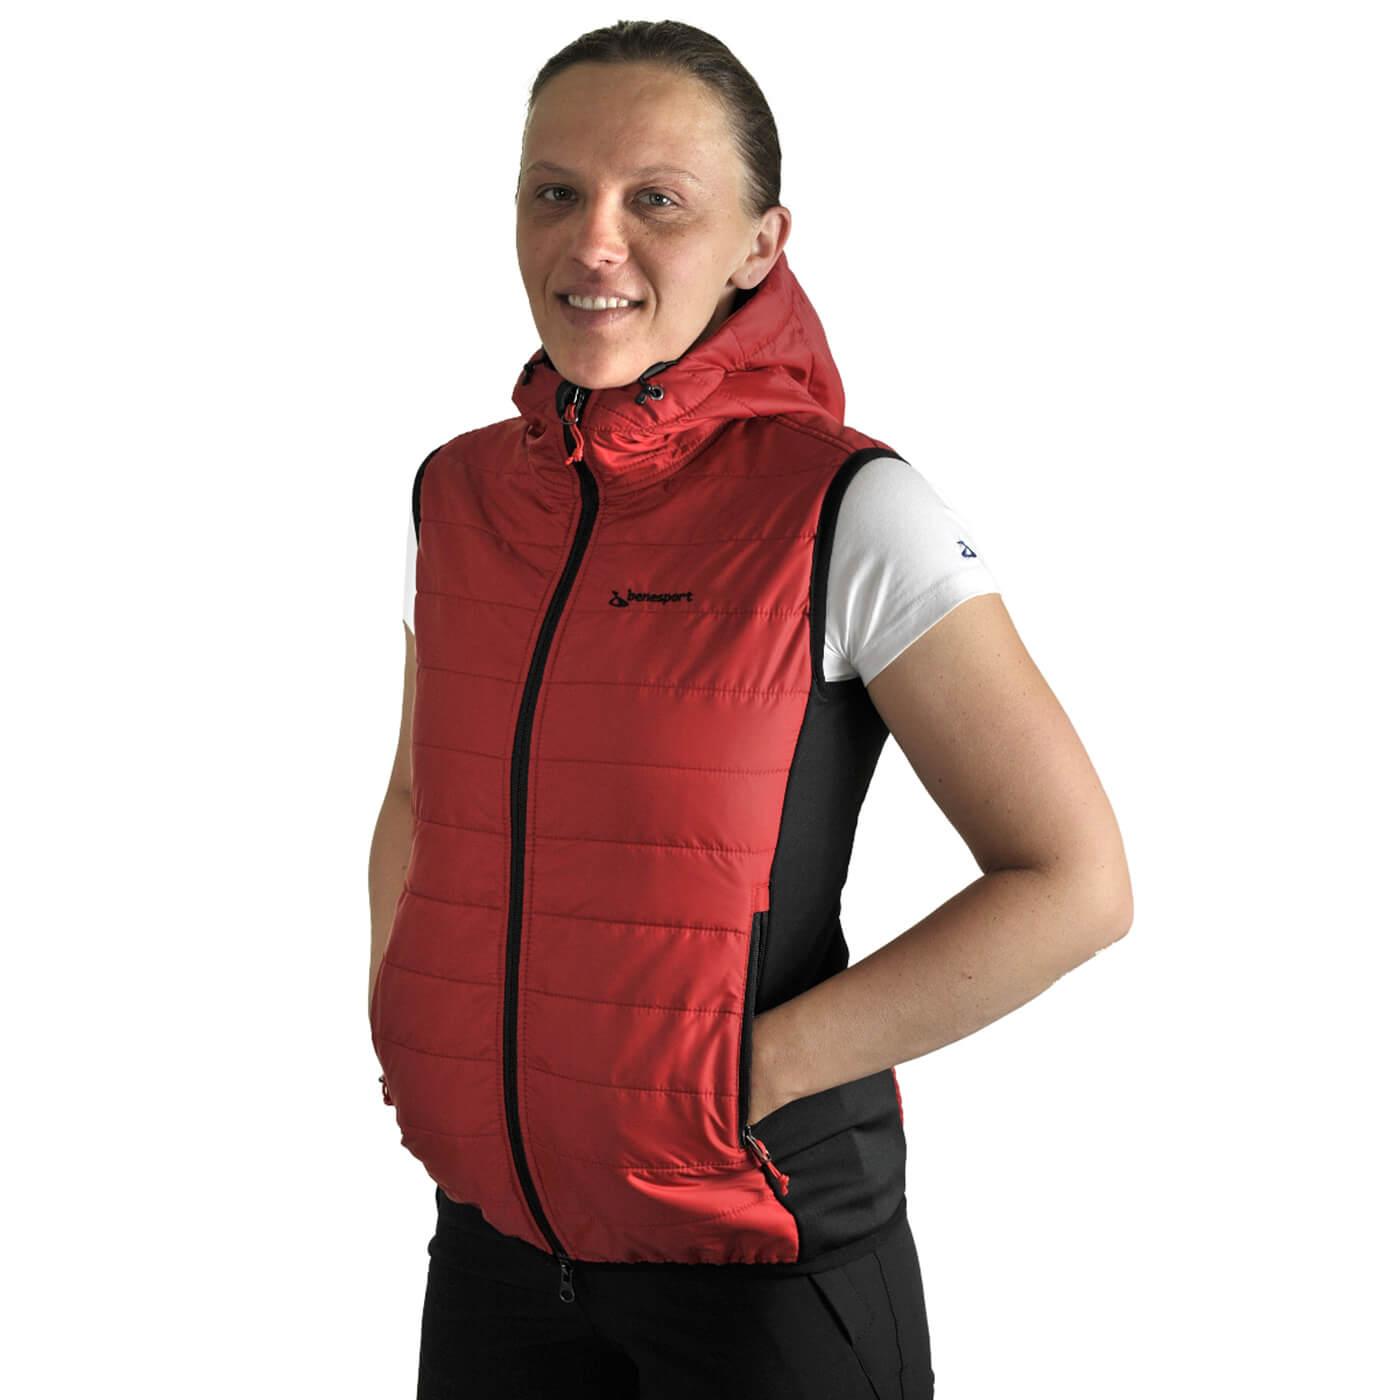 Benesport dámska vesta Ostrva - červená, veľkosť S s extra zľavou 20%